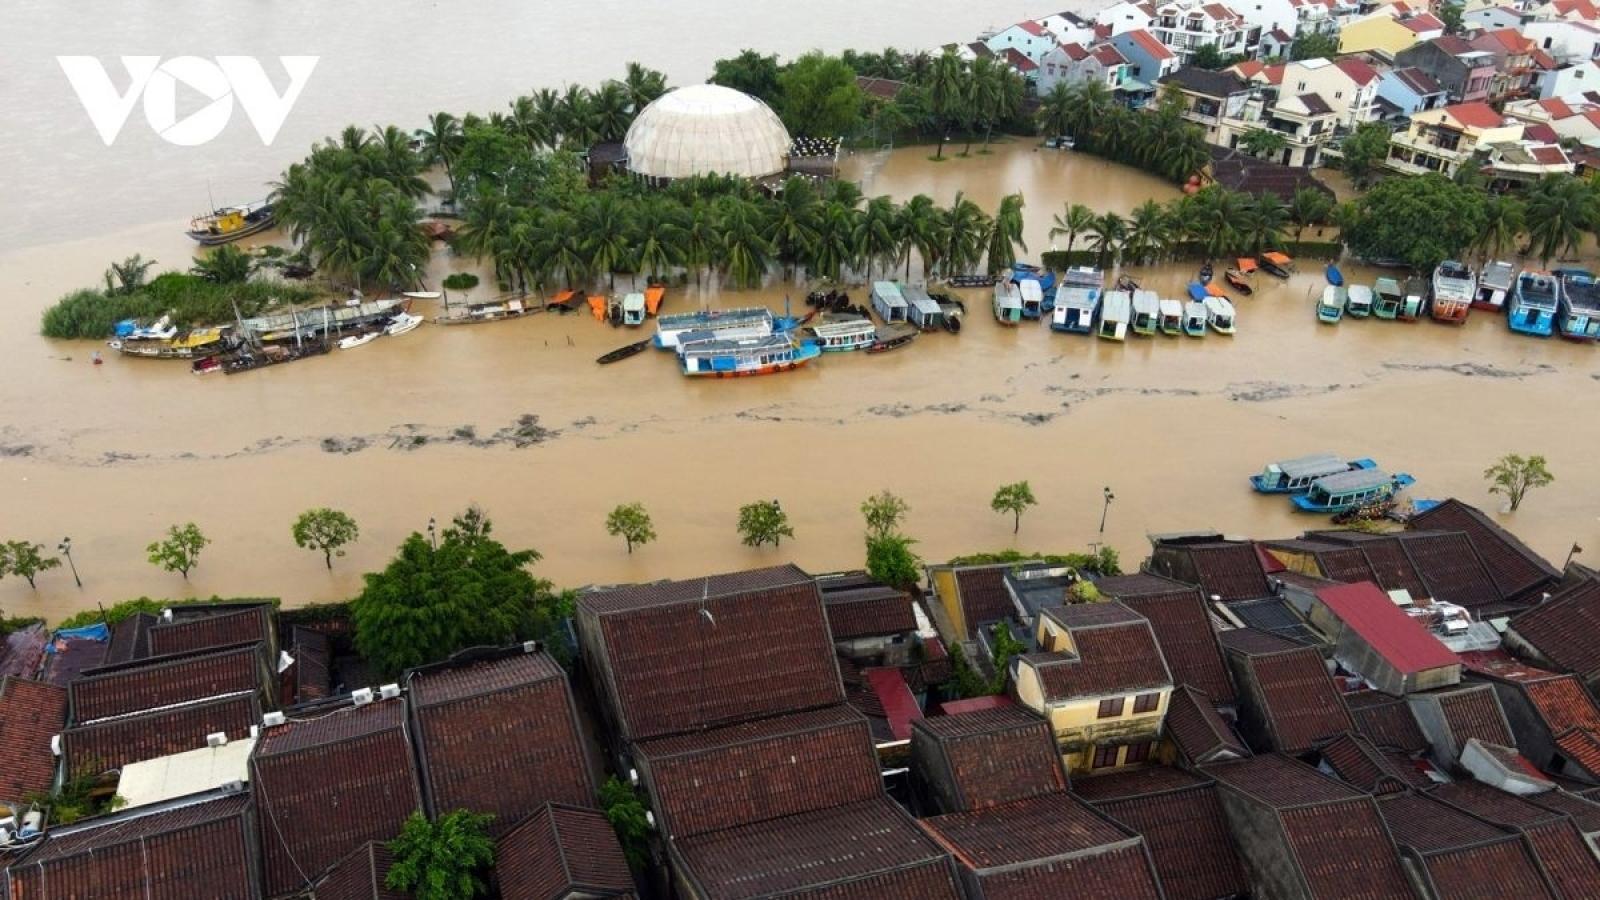 Ngoại trưởng Hoa Kỳ gửi lời thăm hỏi về tình hình lũ lụt tại miền Trung